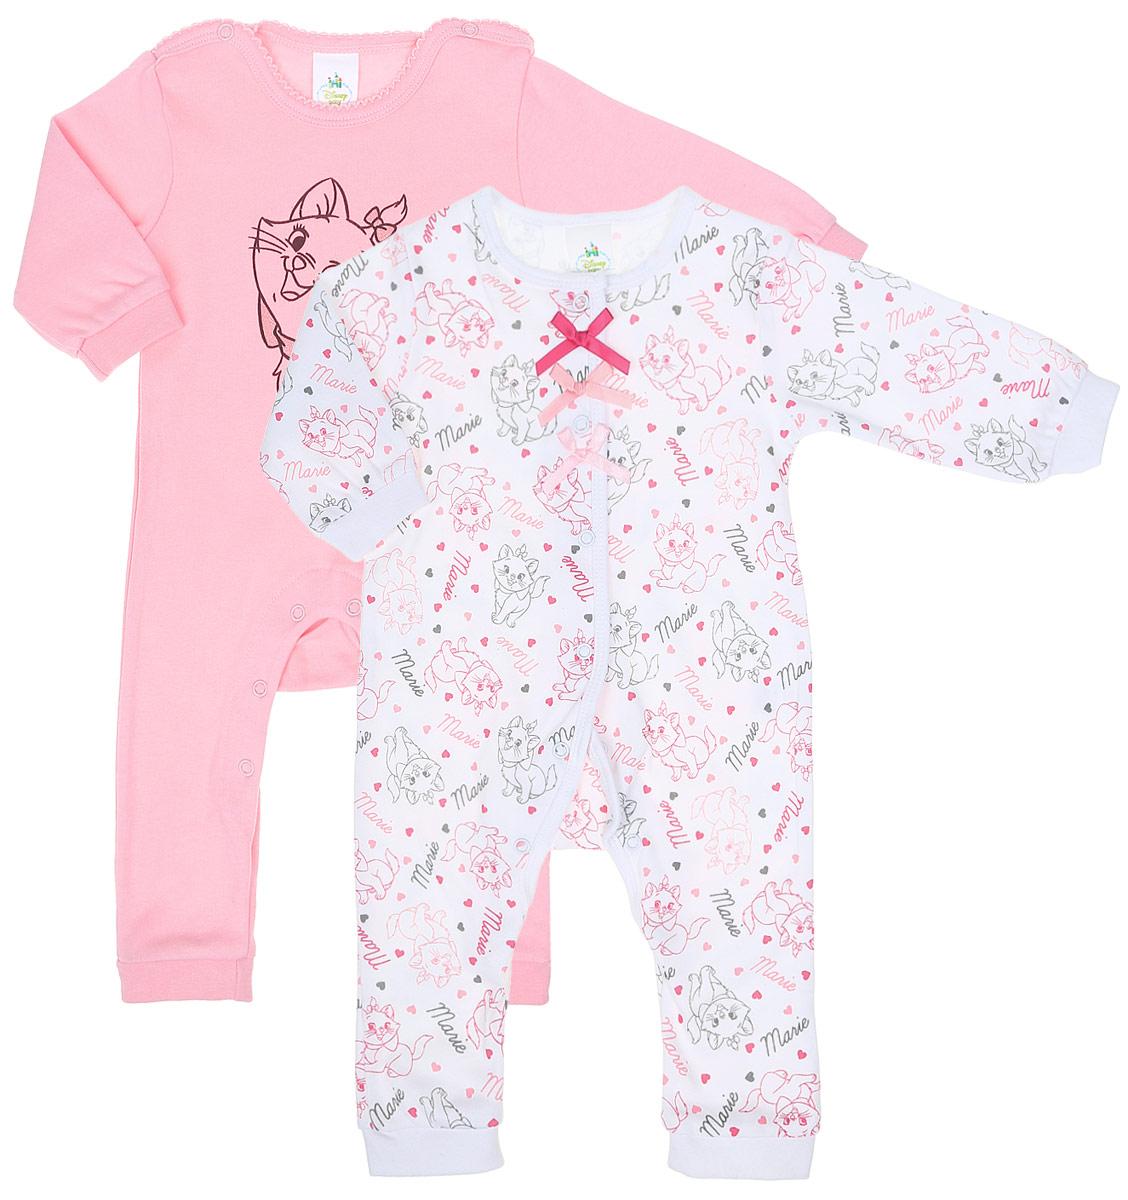 Комбинезон домашний для девочки PlayToday Baby, цвет: розовый, белый, серый меланж, 2 шт. 678806. Размер 56678806Комплект комбинезонов PlayToday Baby разнообразит гардероб вашей малышки. Комбинезоны с открытыми ножками изготовлены из натурального хлопка и оформлены милым принтом. Материал изделия мягкий и тактильно приятный, не раздражает нежную кожу ребенка и хорошо пропускает воздух. Модели имеют удобные застежки-кнопки что позволит легко переодеть ребенка или сменить подгузник, а также удобные манжеты на рукавах и снизу брючин. Круглый вырез горловины дополнен мягкой эластичной бейкой. Комбинезоны полностью соответствуют особенностям жизни ребенка в ранний период, не стесняя и не ограничивая его в движениях.